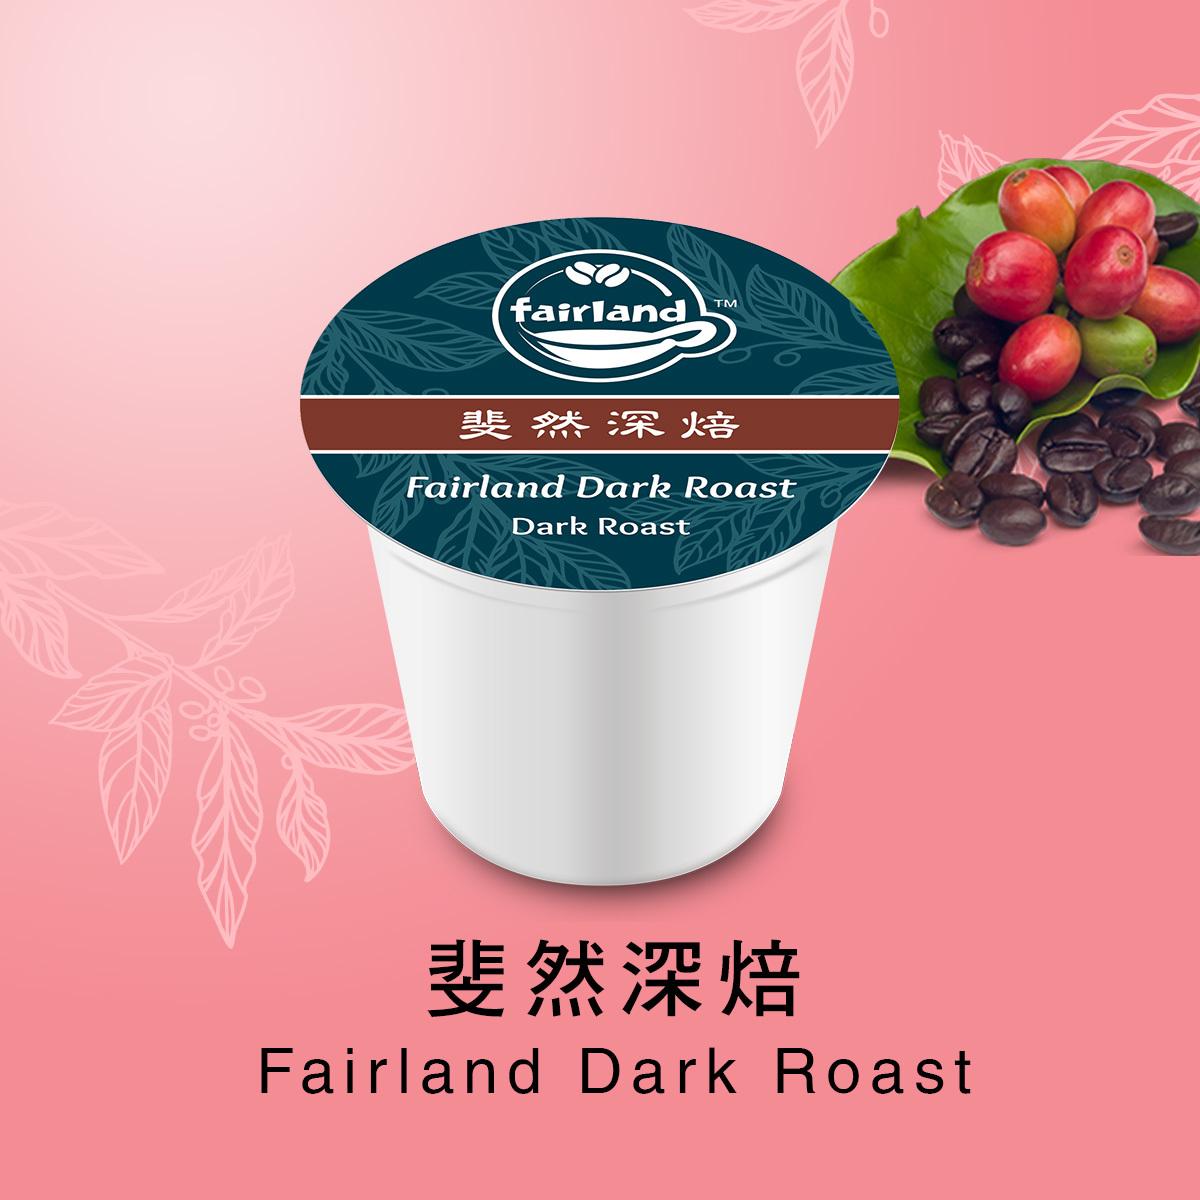 斐然莊園-斐然深焙Fairland Dark Roast.jpg